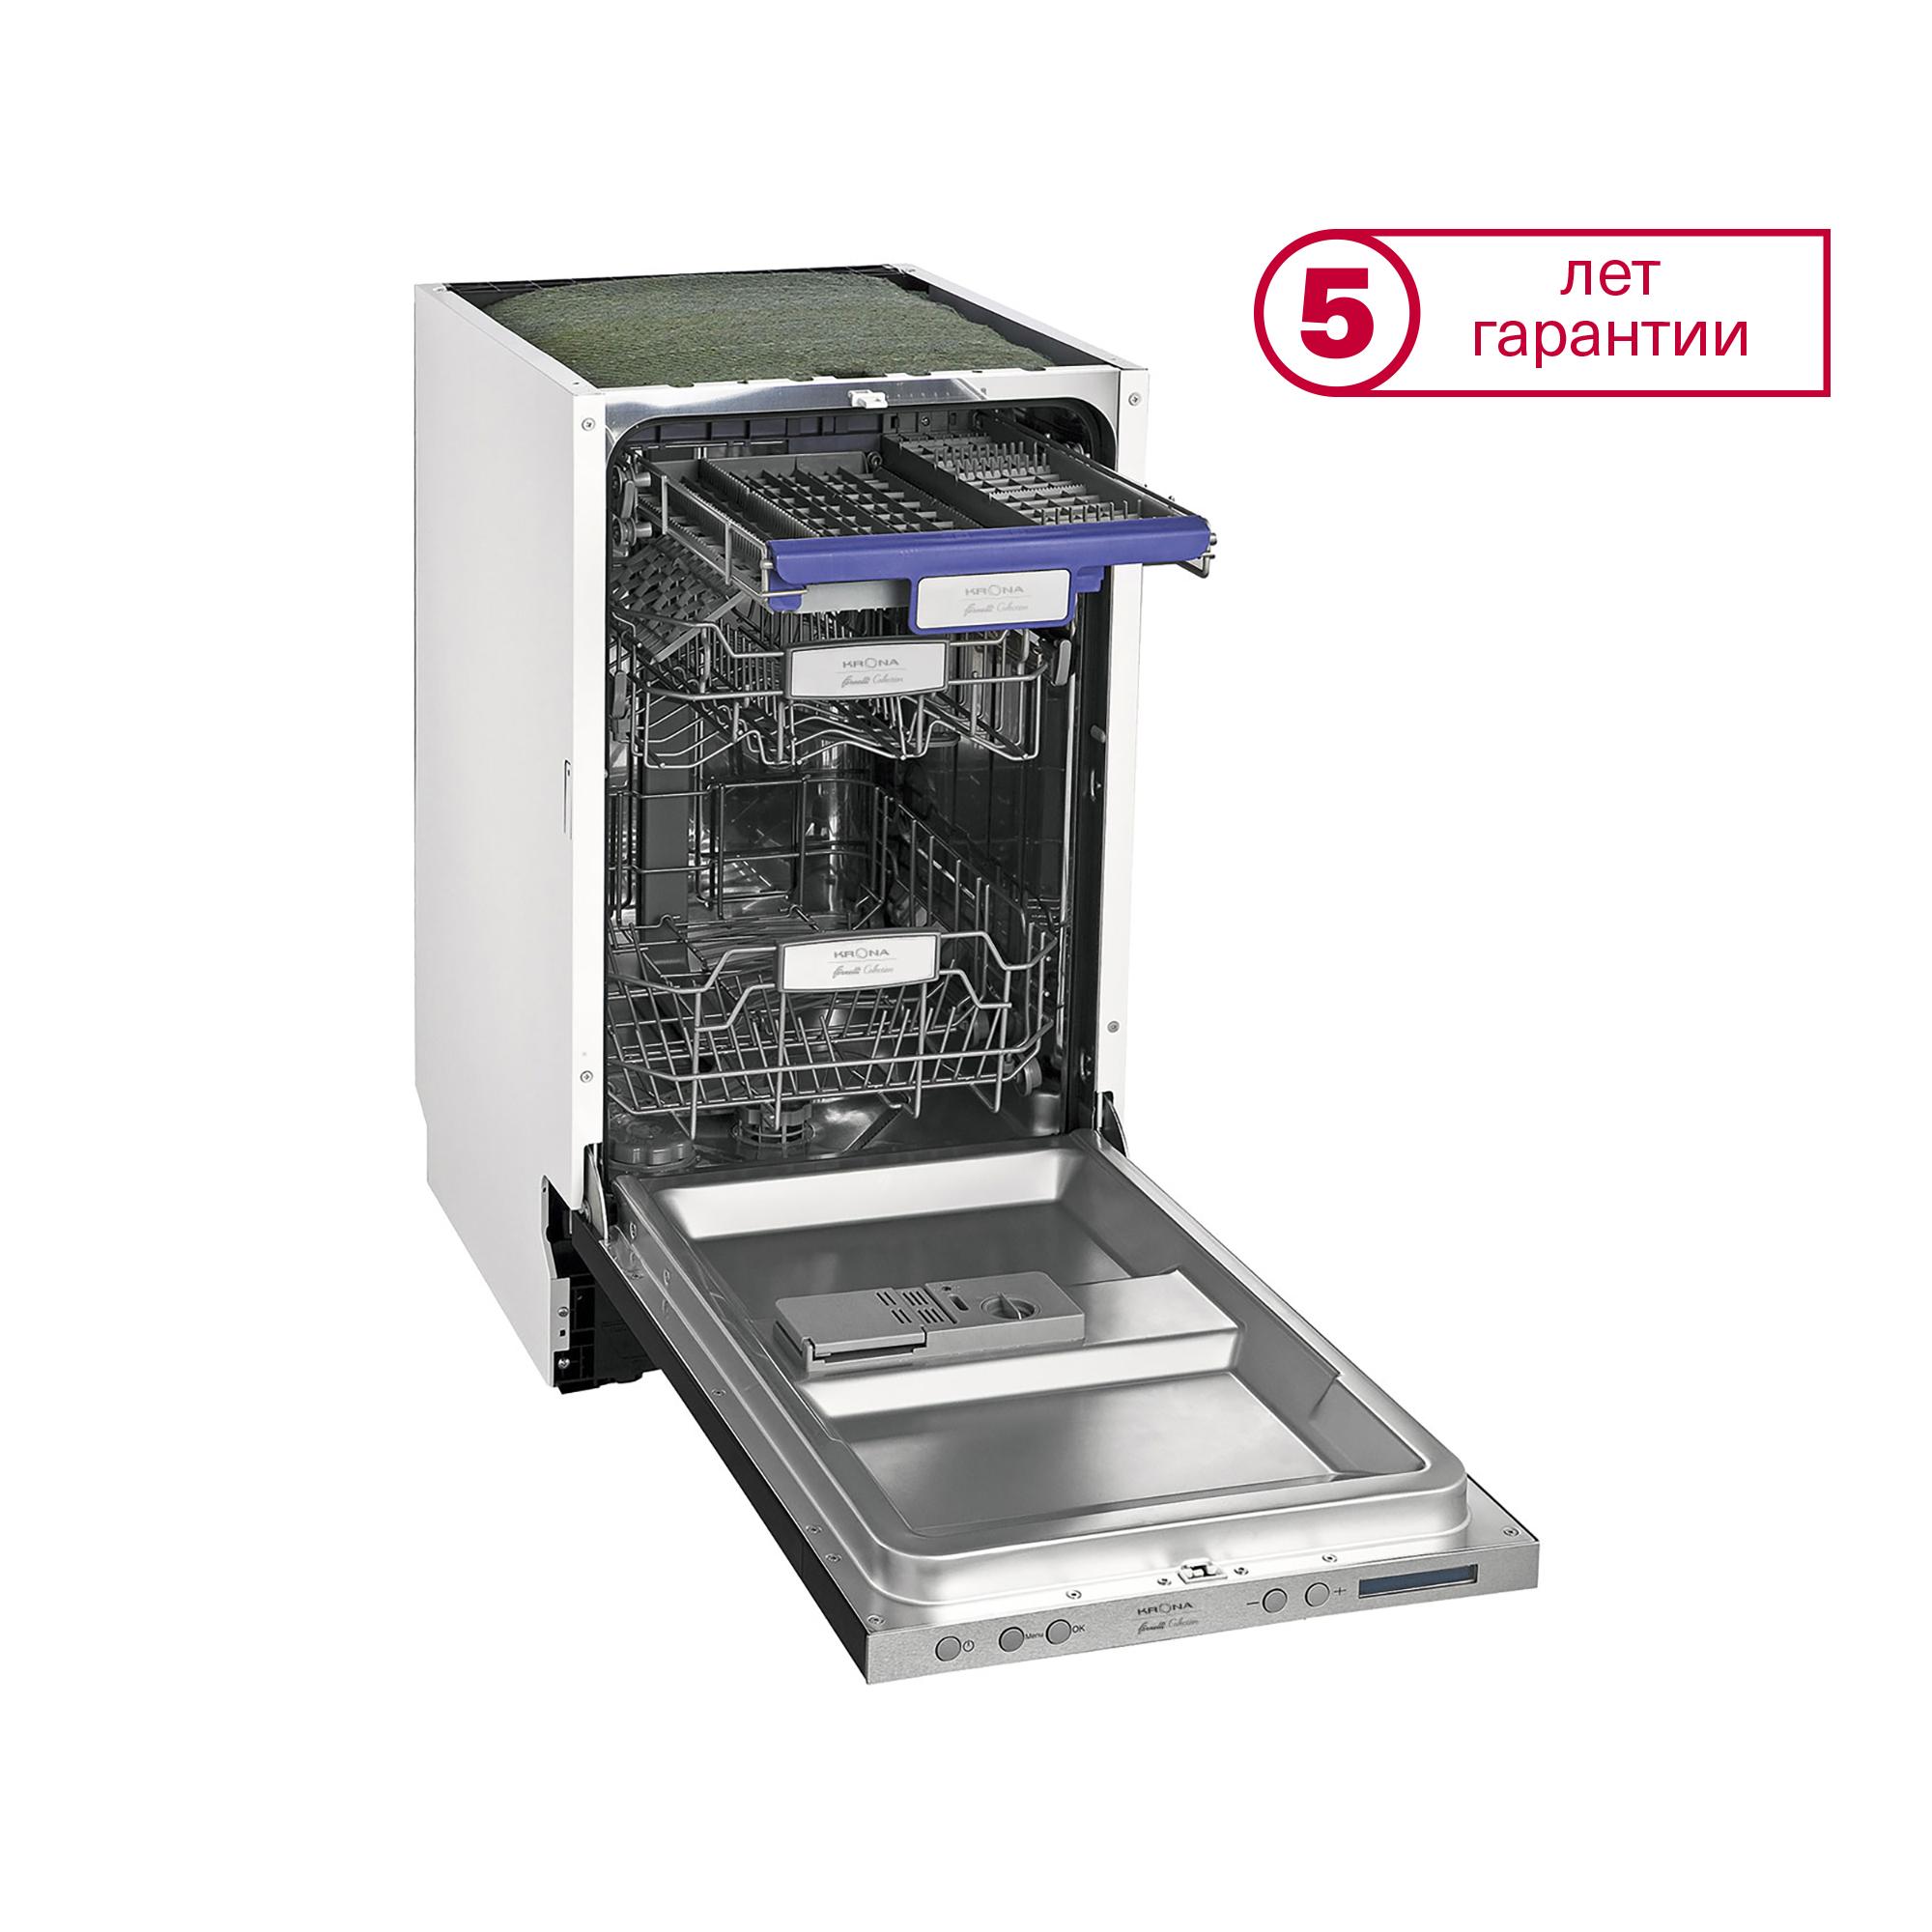 Встраиваемая посудомоечная машина 45 см Krona KAMAYA 45 BI фото